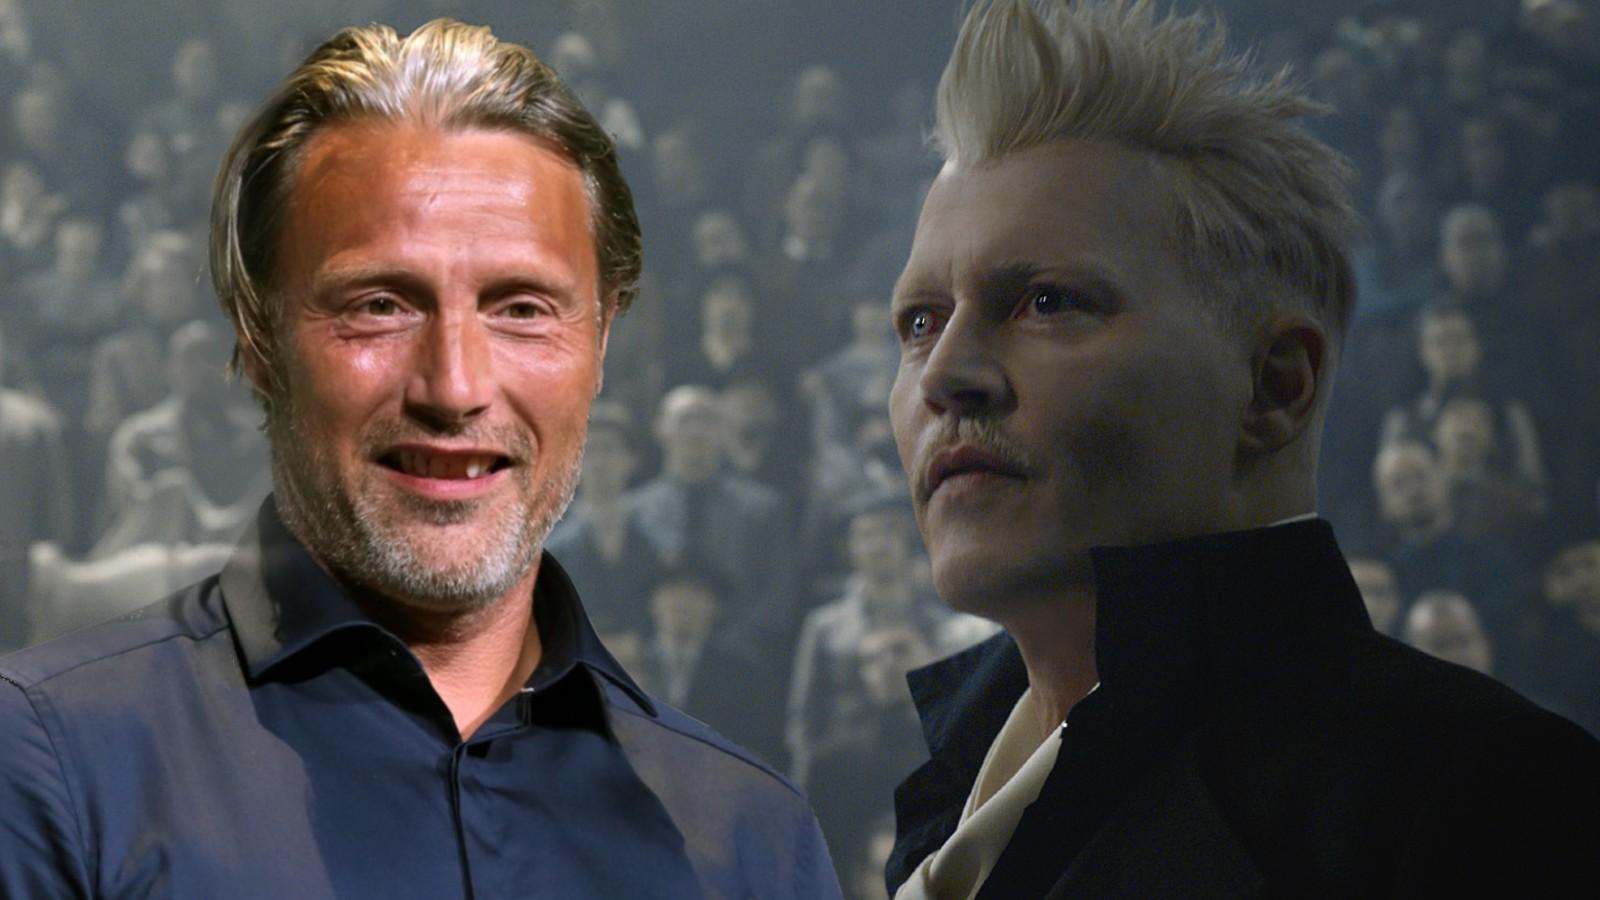 Mads Mikkelsen and Johnny Depp in Fantastic Beasts